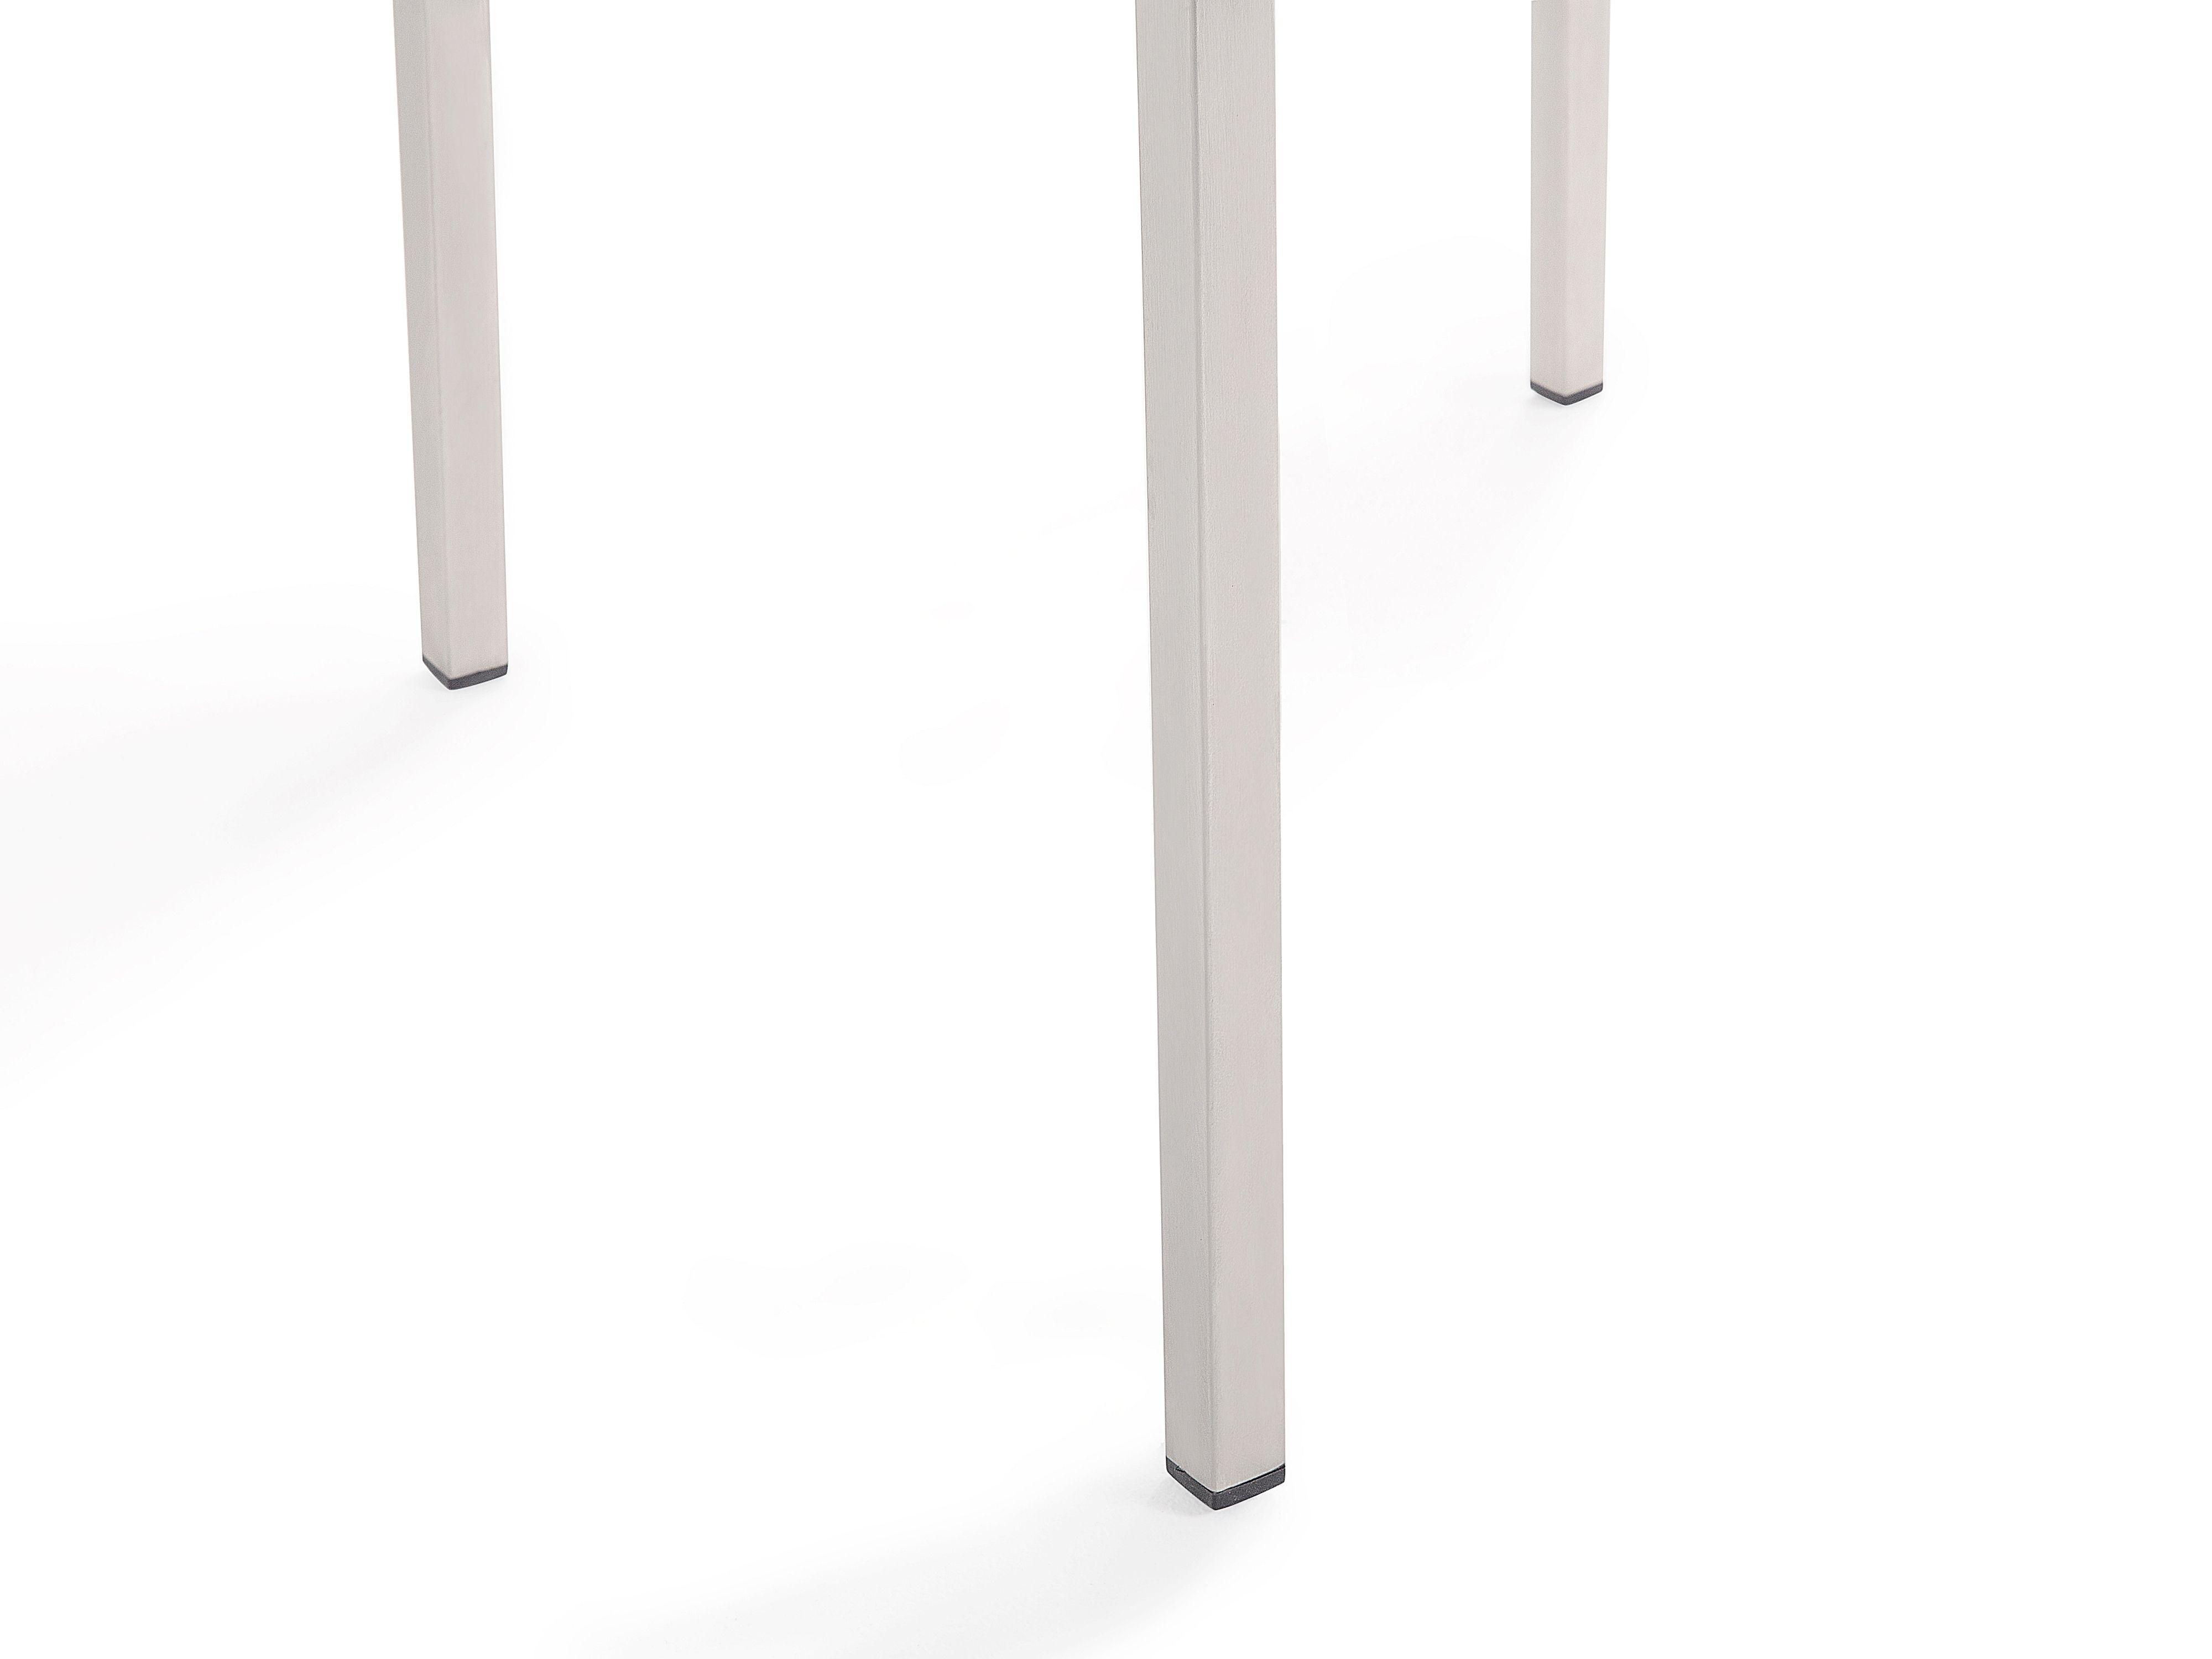 Tavolo E Sedie Rattan Bianco.Set Tavolo E Sedie Da Giardino In Vetro Temperato Bianco E